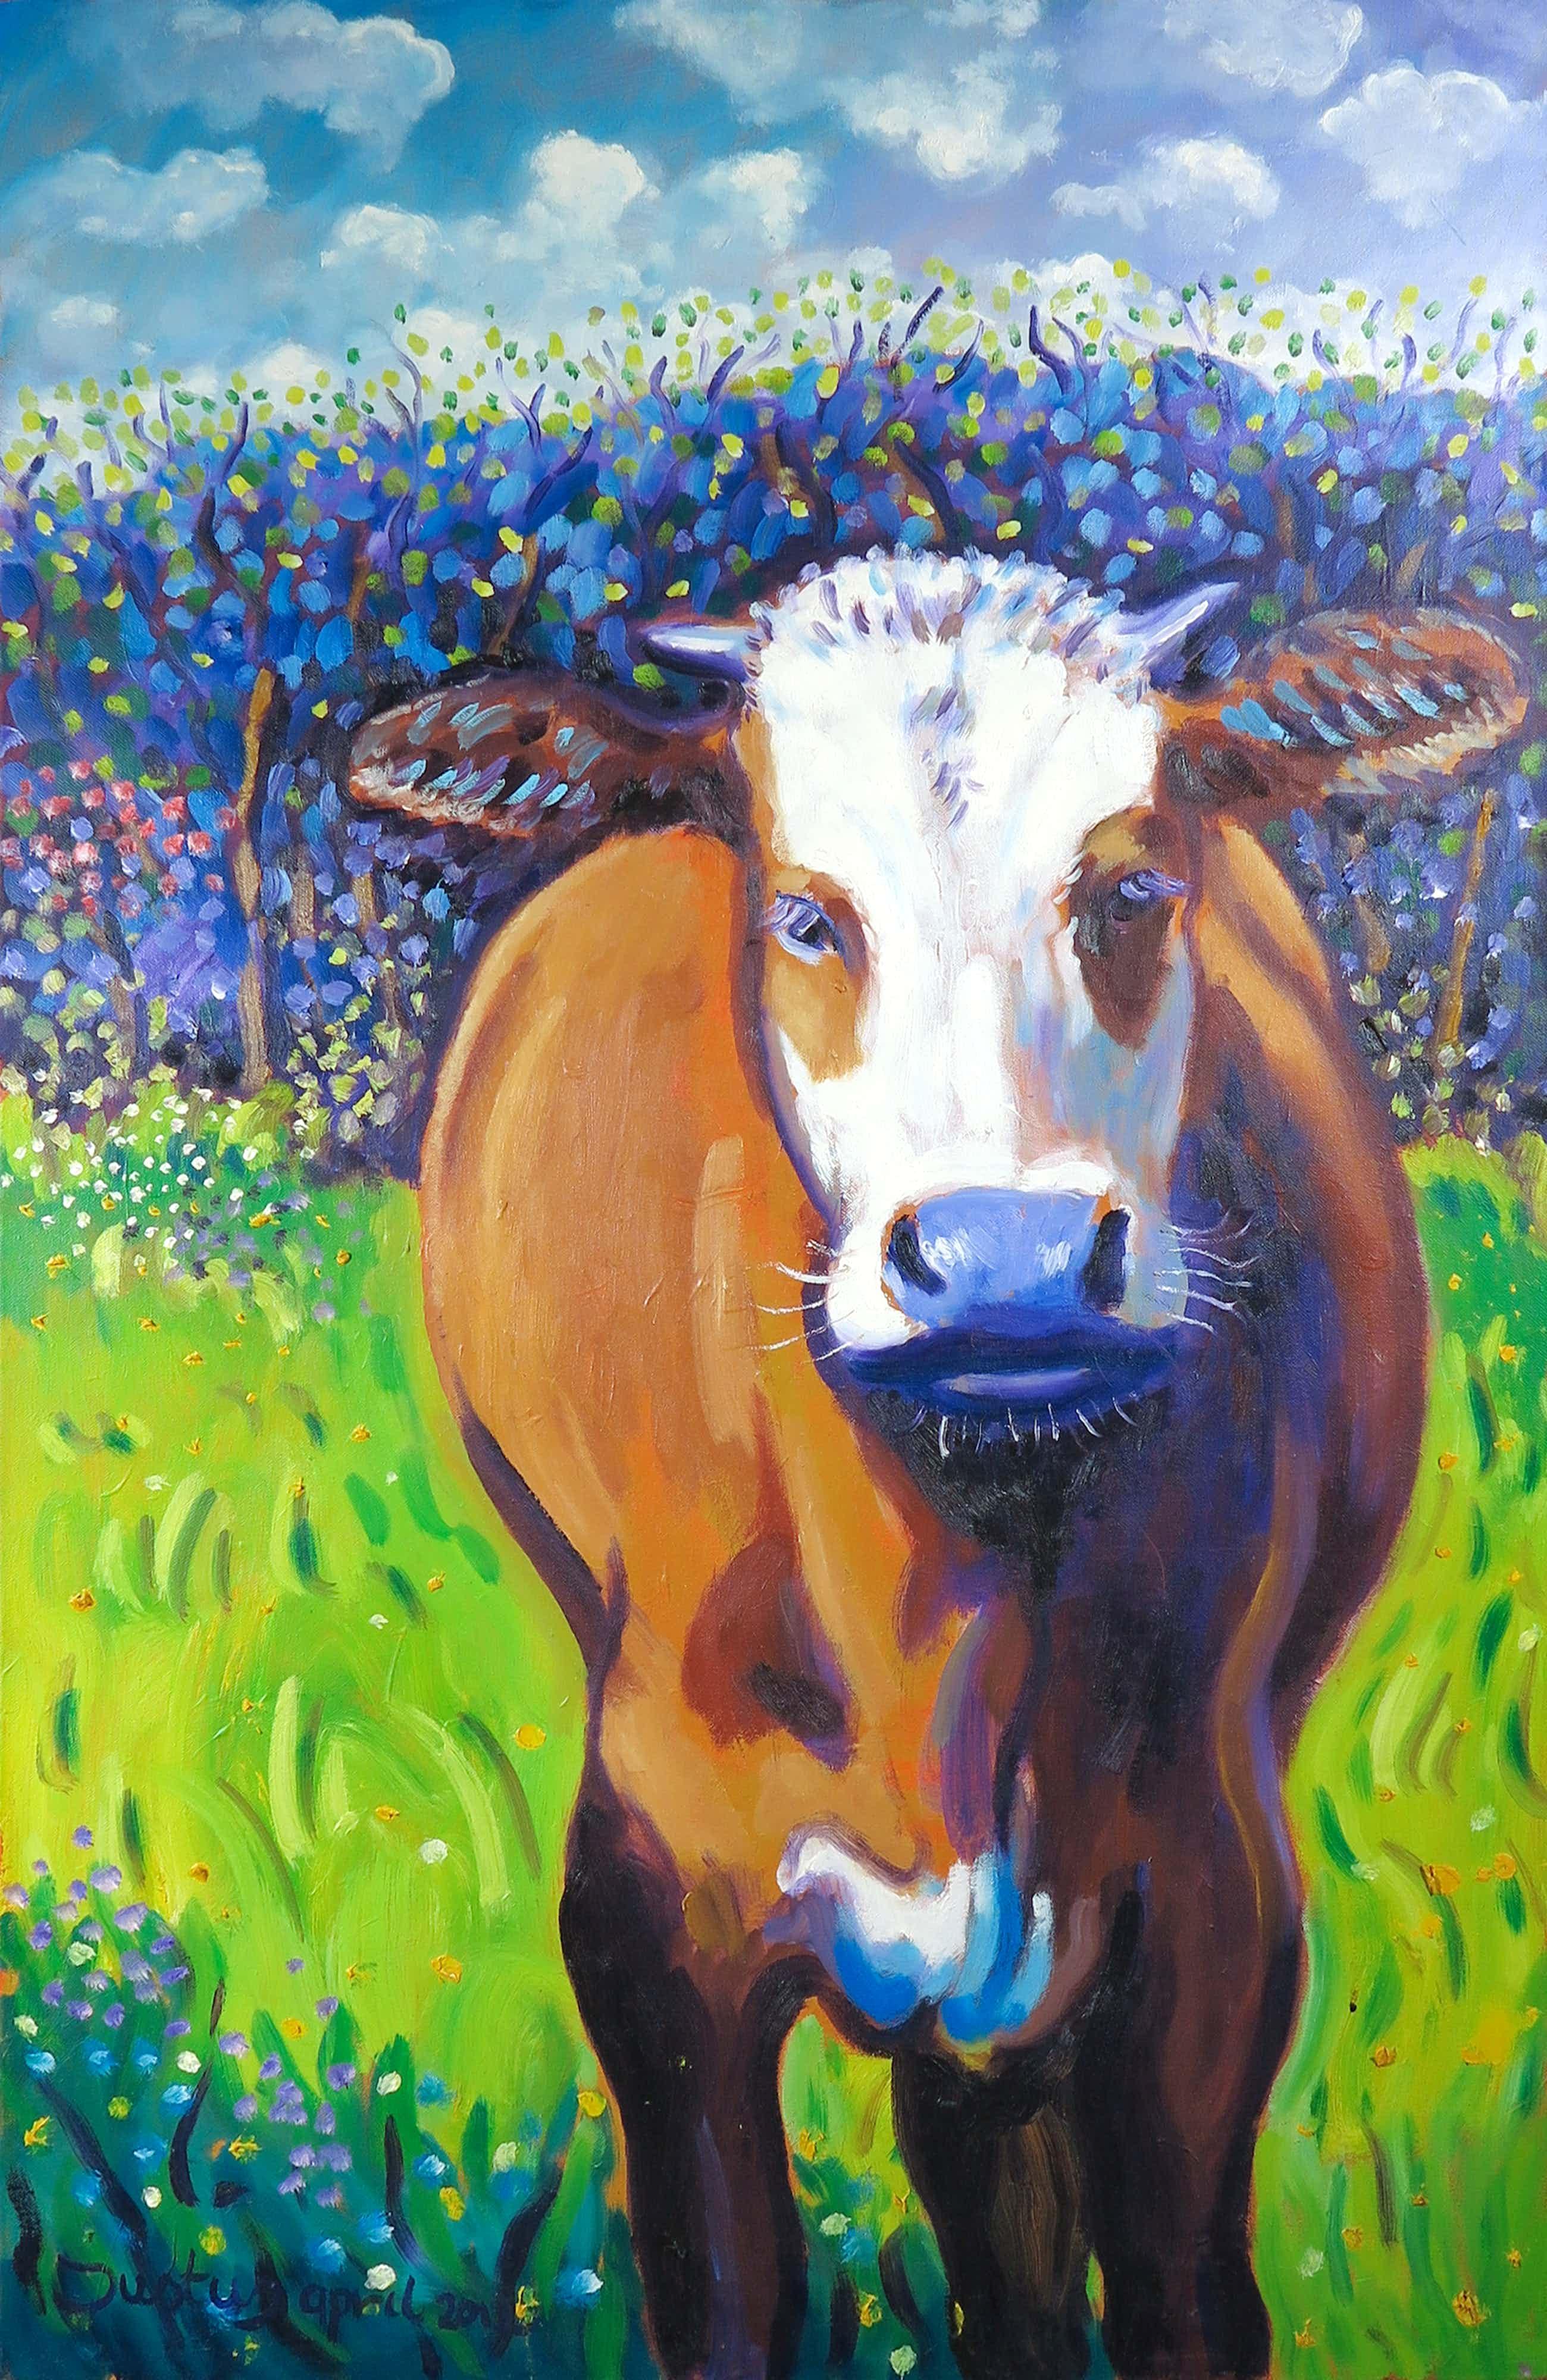 Justus Donker - Acryl op doek, Bruine koe (Groot) kopen? Bied vanaf 83!